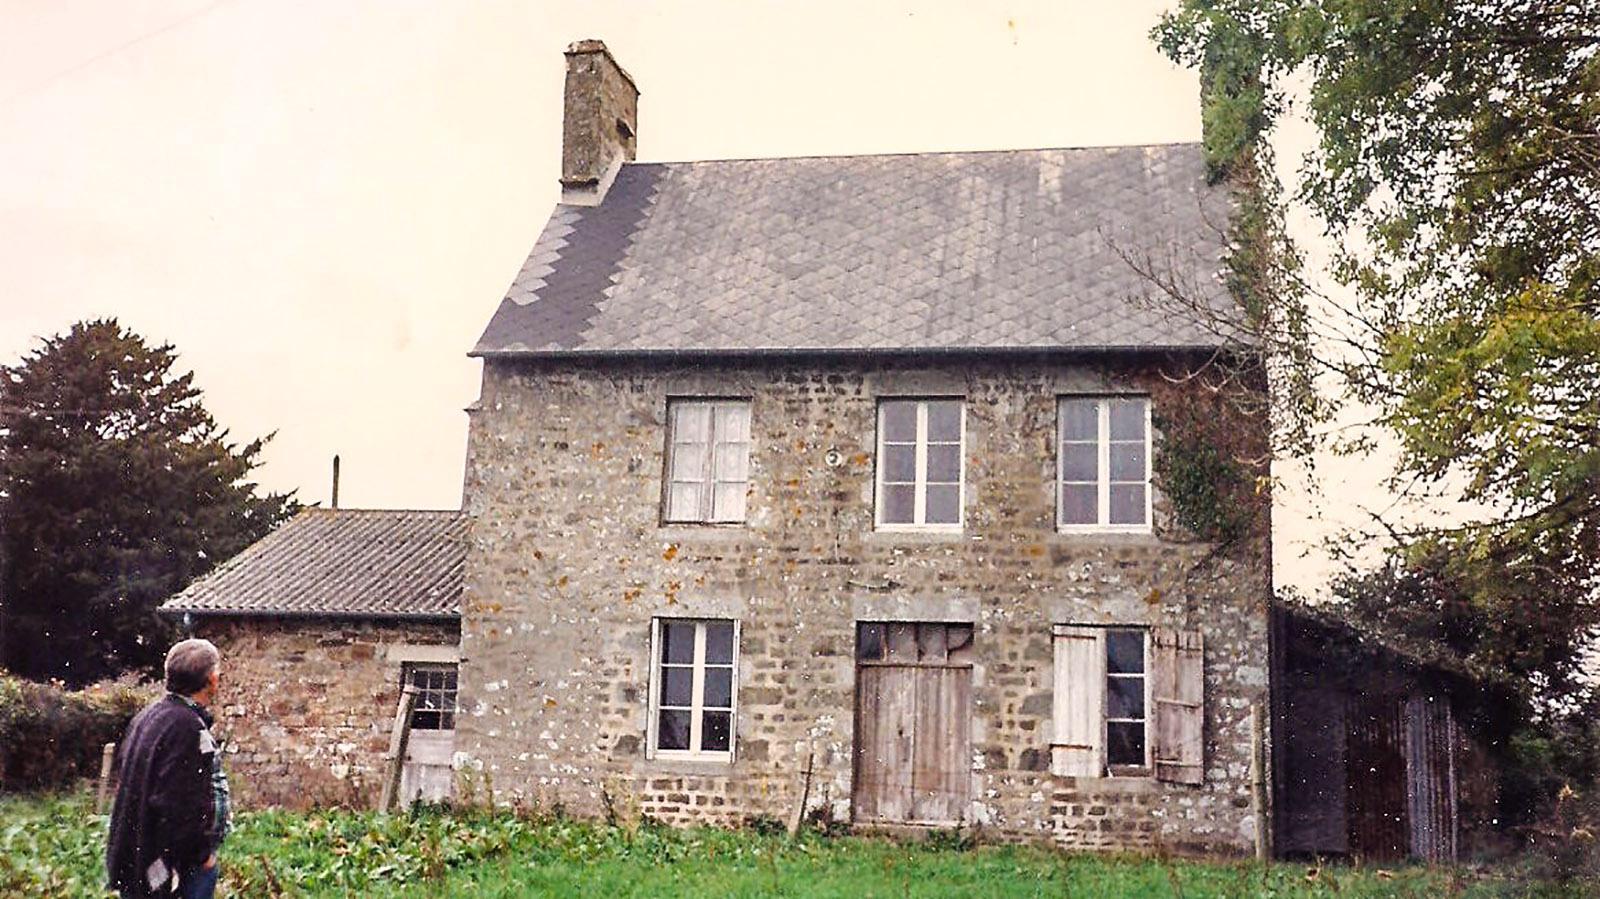 Das graue Haus - unser Pfarrhaus in der Normandie. Foto: Jutta Fassbender